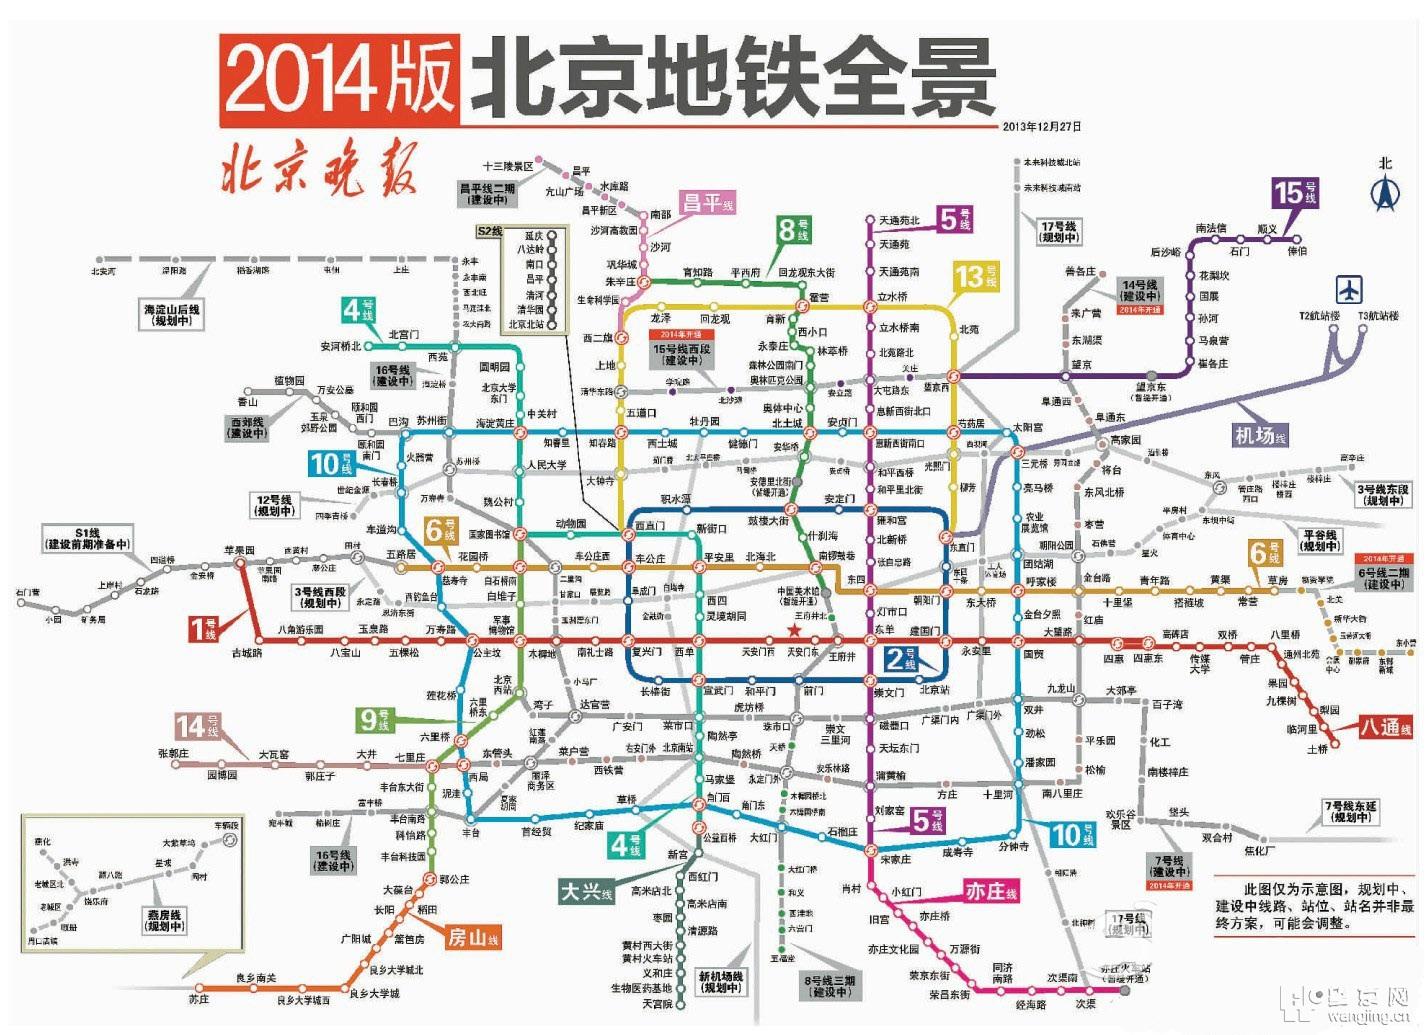 山海关有到上海的飞机么,每周几个航班呢暑假了打算去秦皇岛.